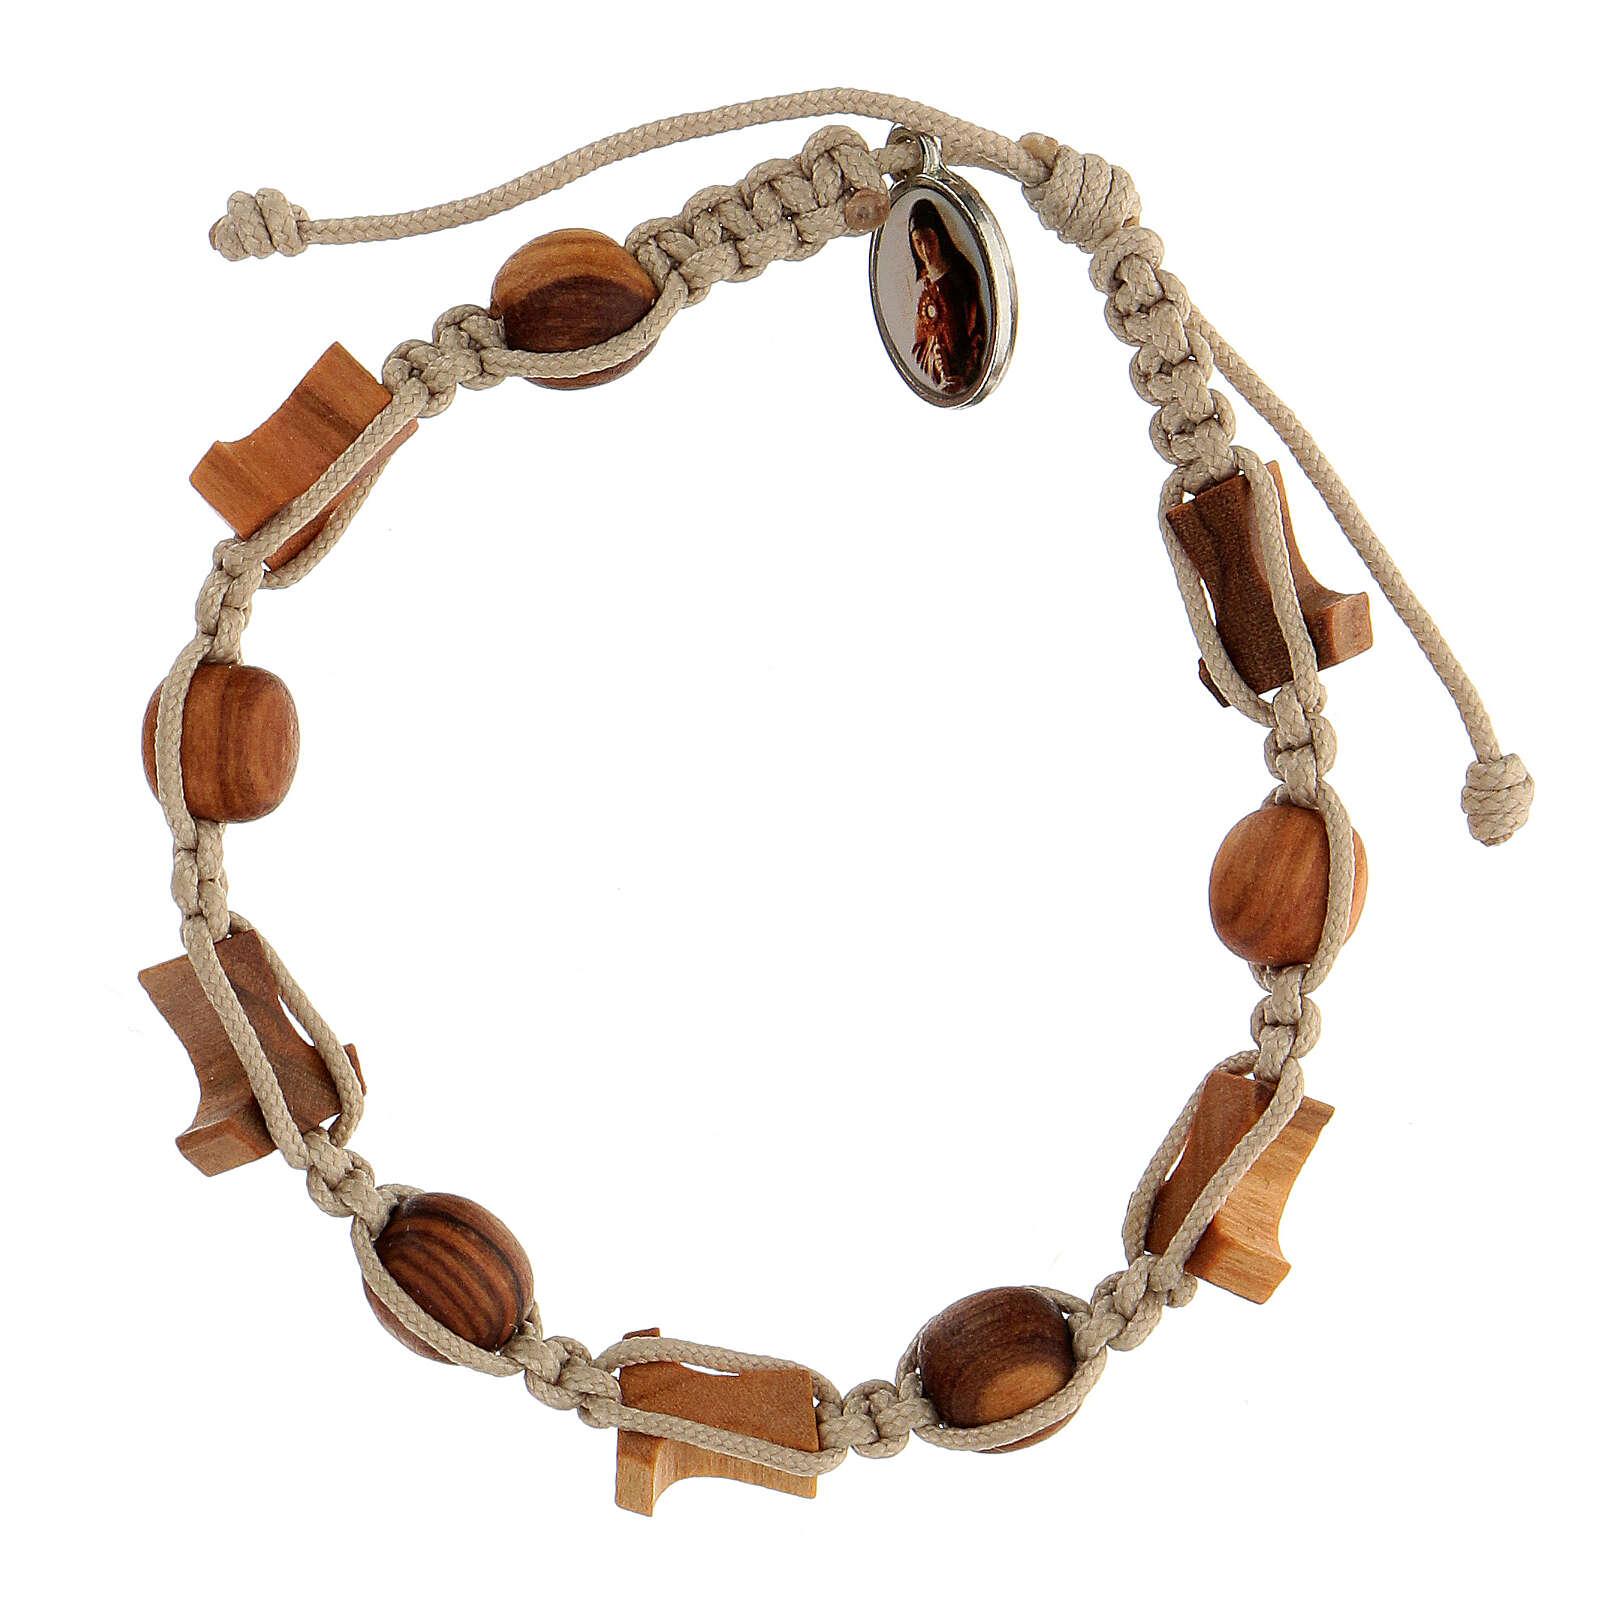 Bracelet croix tau grains ronds Medjugorje corde beige 4